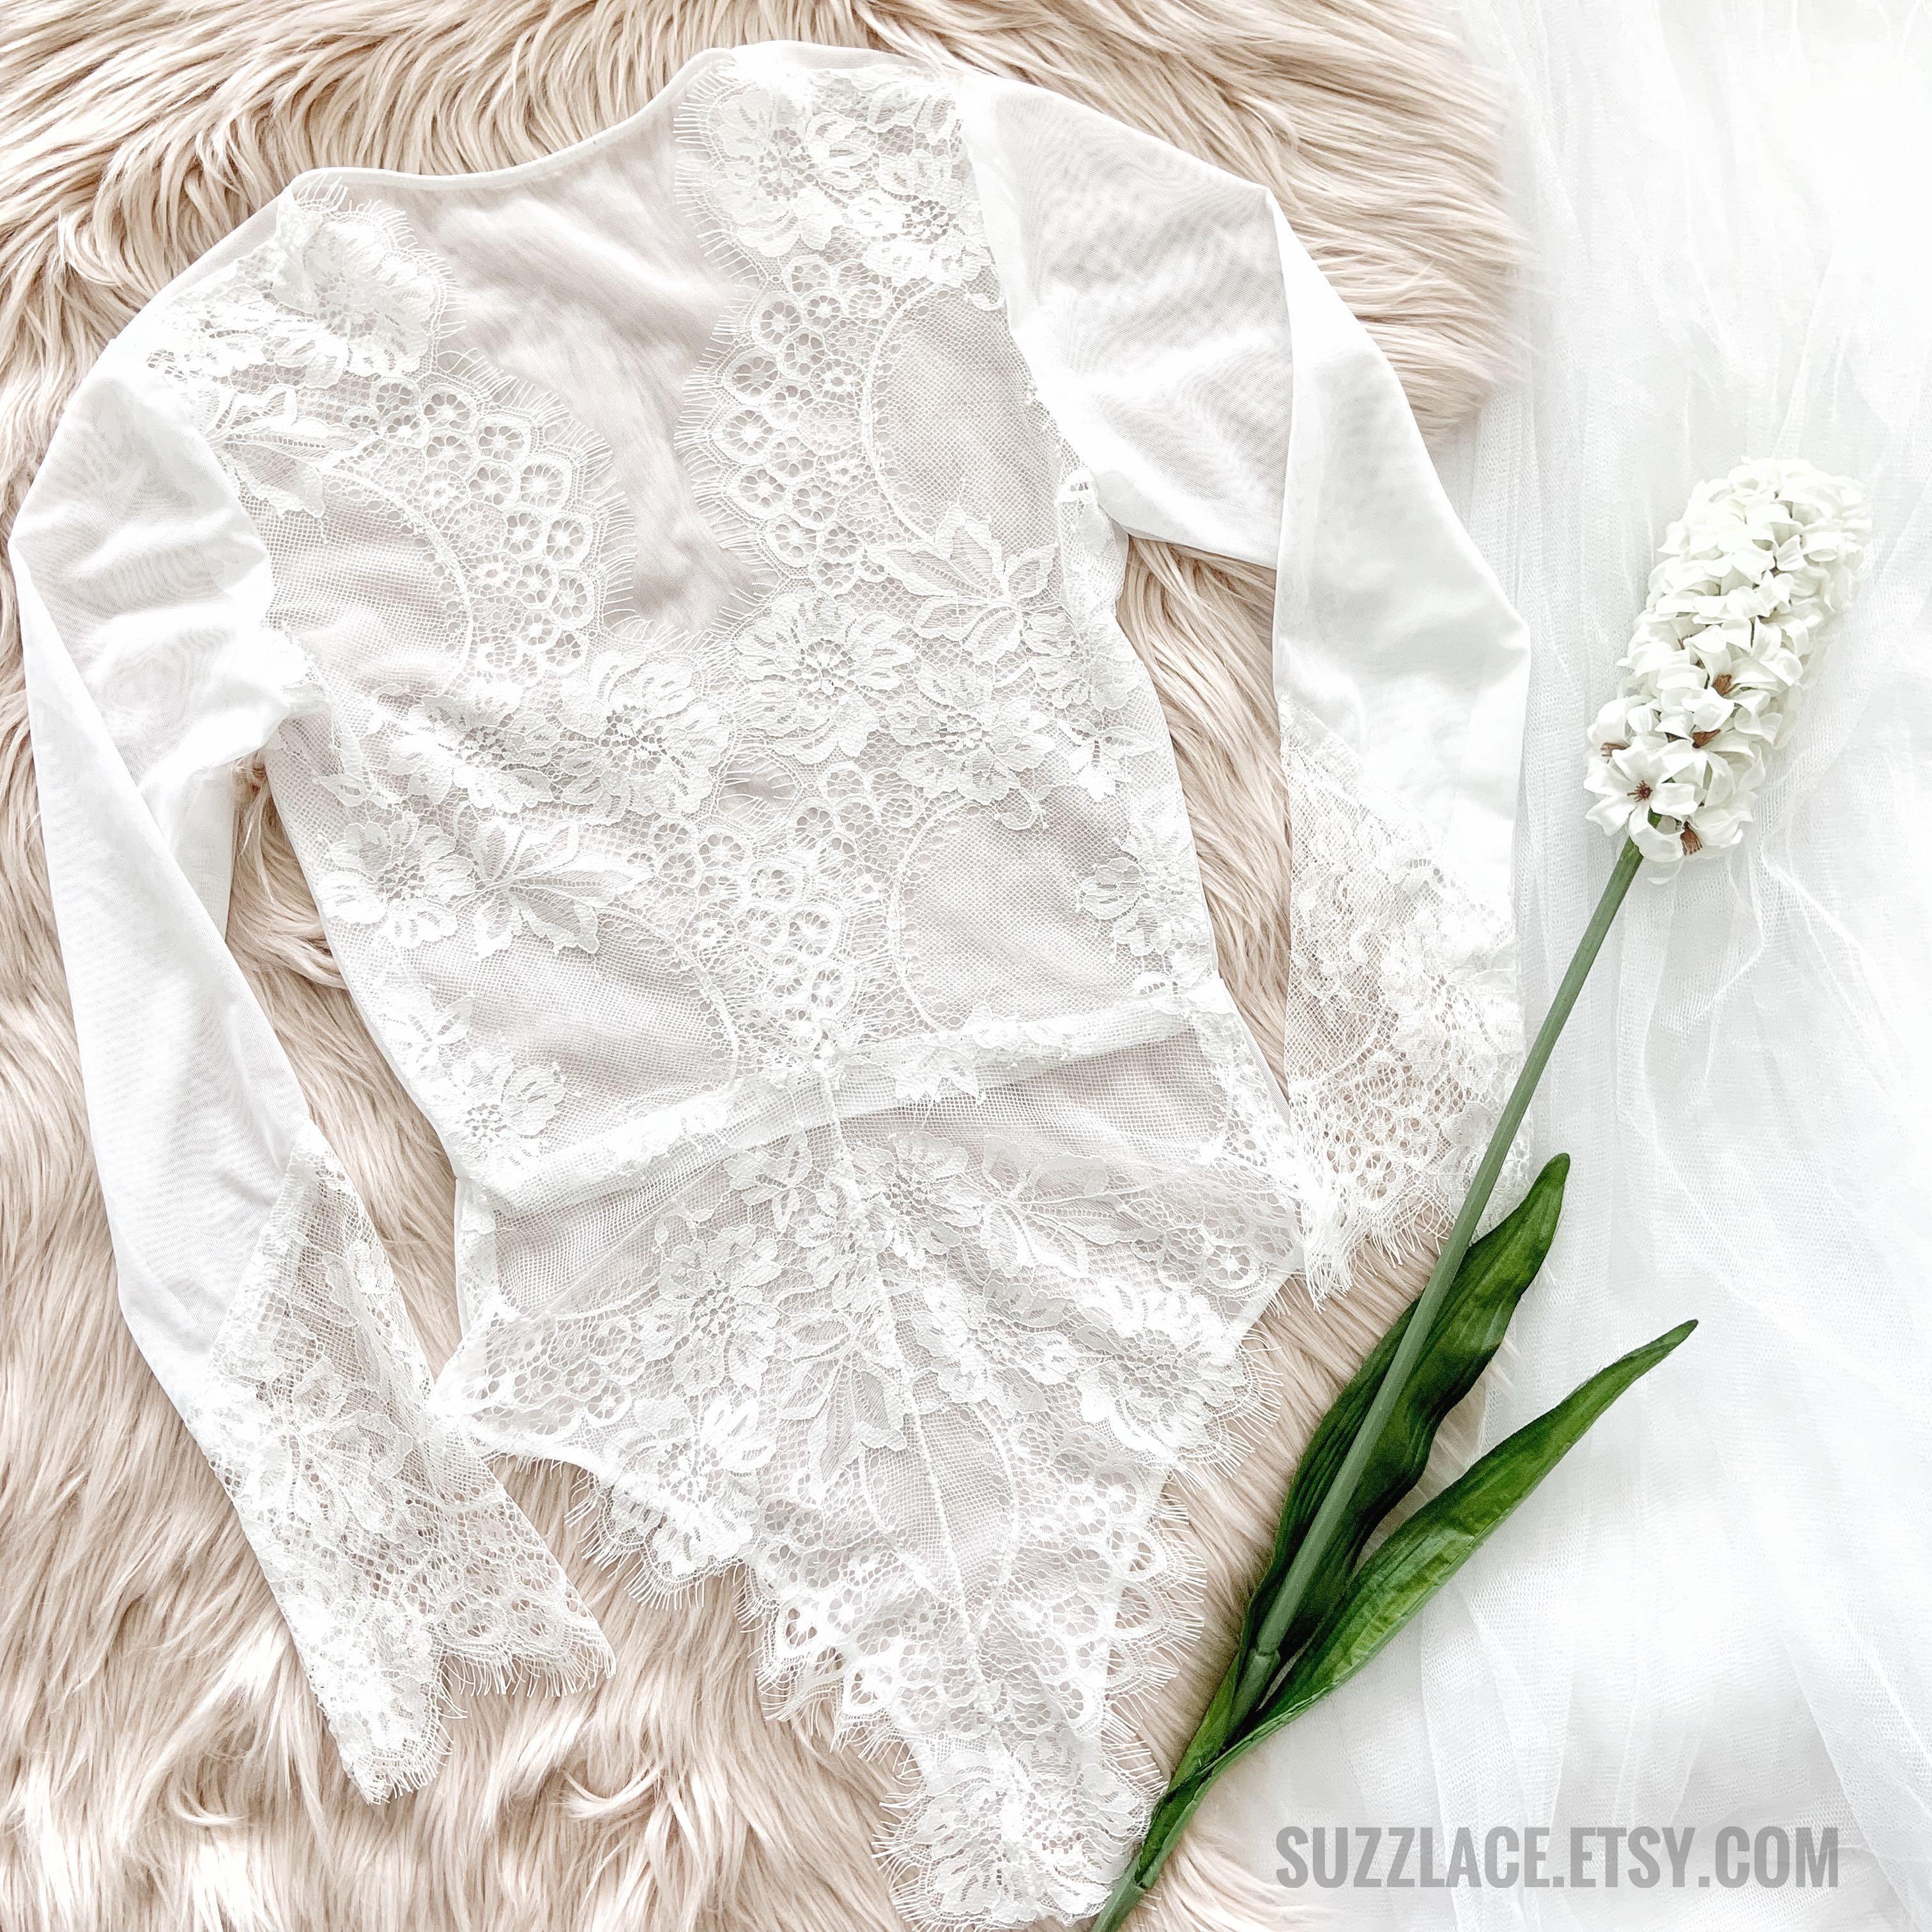 Scalloped Lace Deep V Long Sleeves Bodysuit, Boho Lingerie Set, Bridal Shower Gift